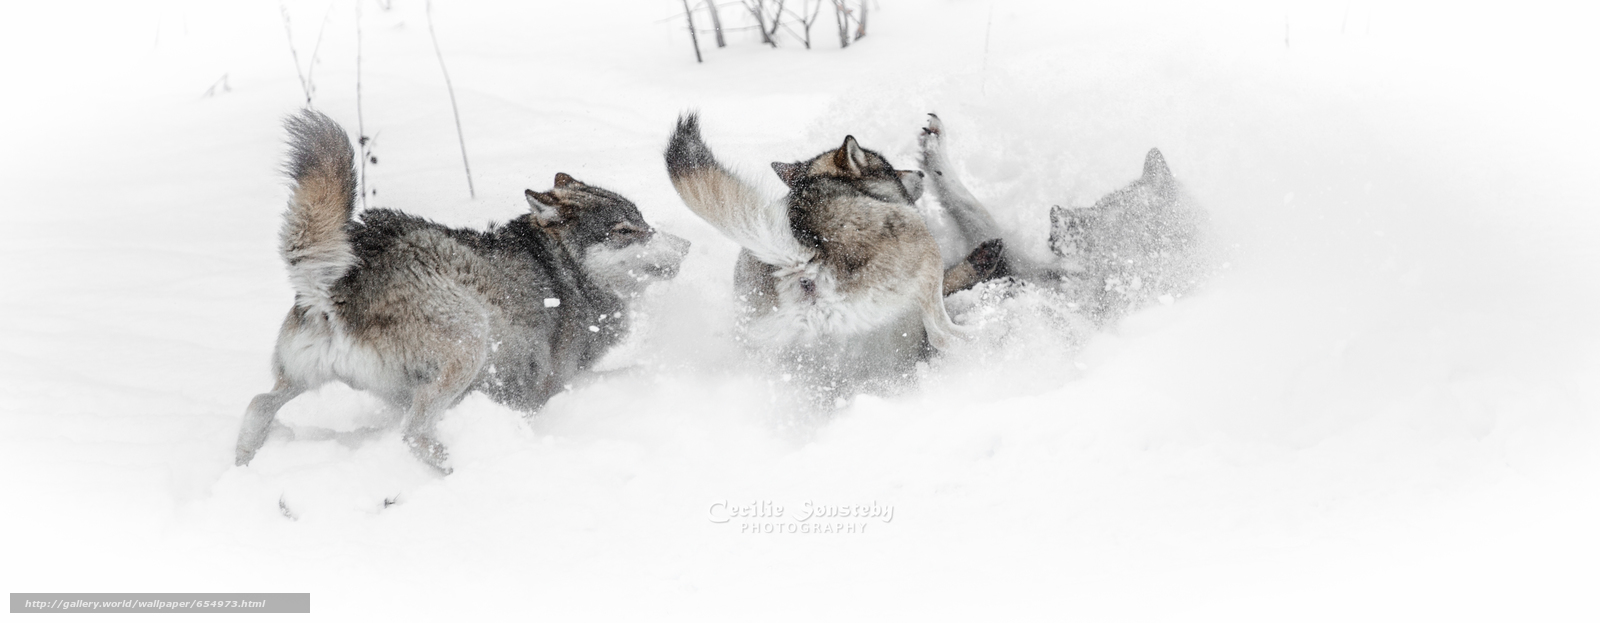 Скачать обои волк,  волки,  животные,  зима бесплатно для рабочего стола в разрешении 4850x1888 — картинка №654973